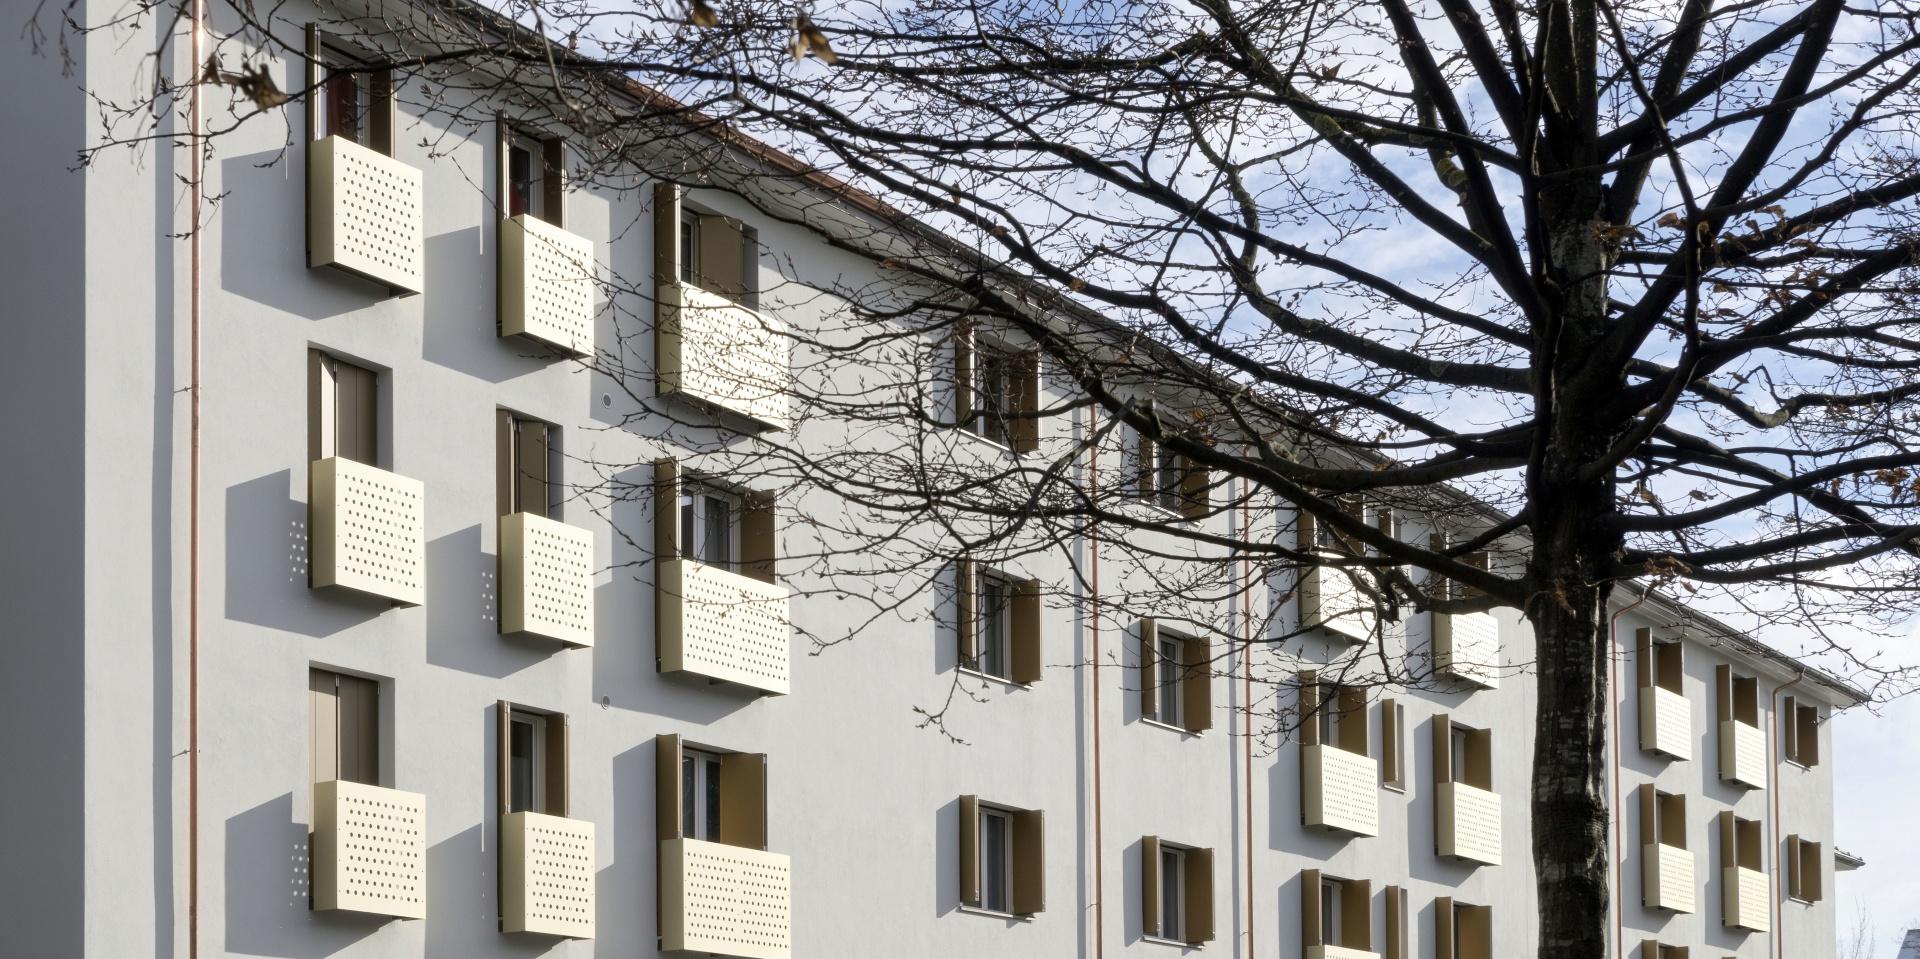 Westseite, französische Balkone © René Rötheli, Baden